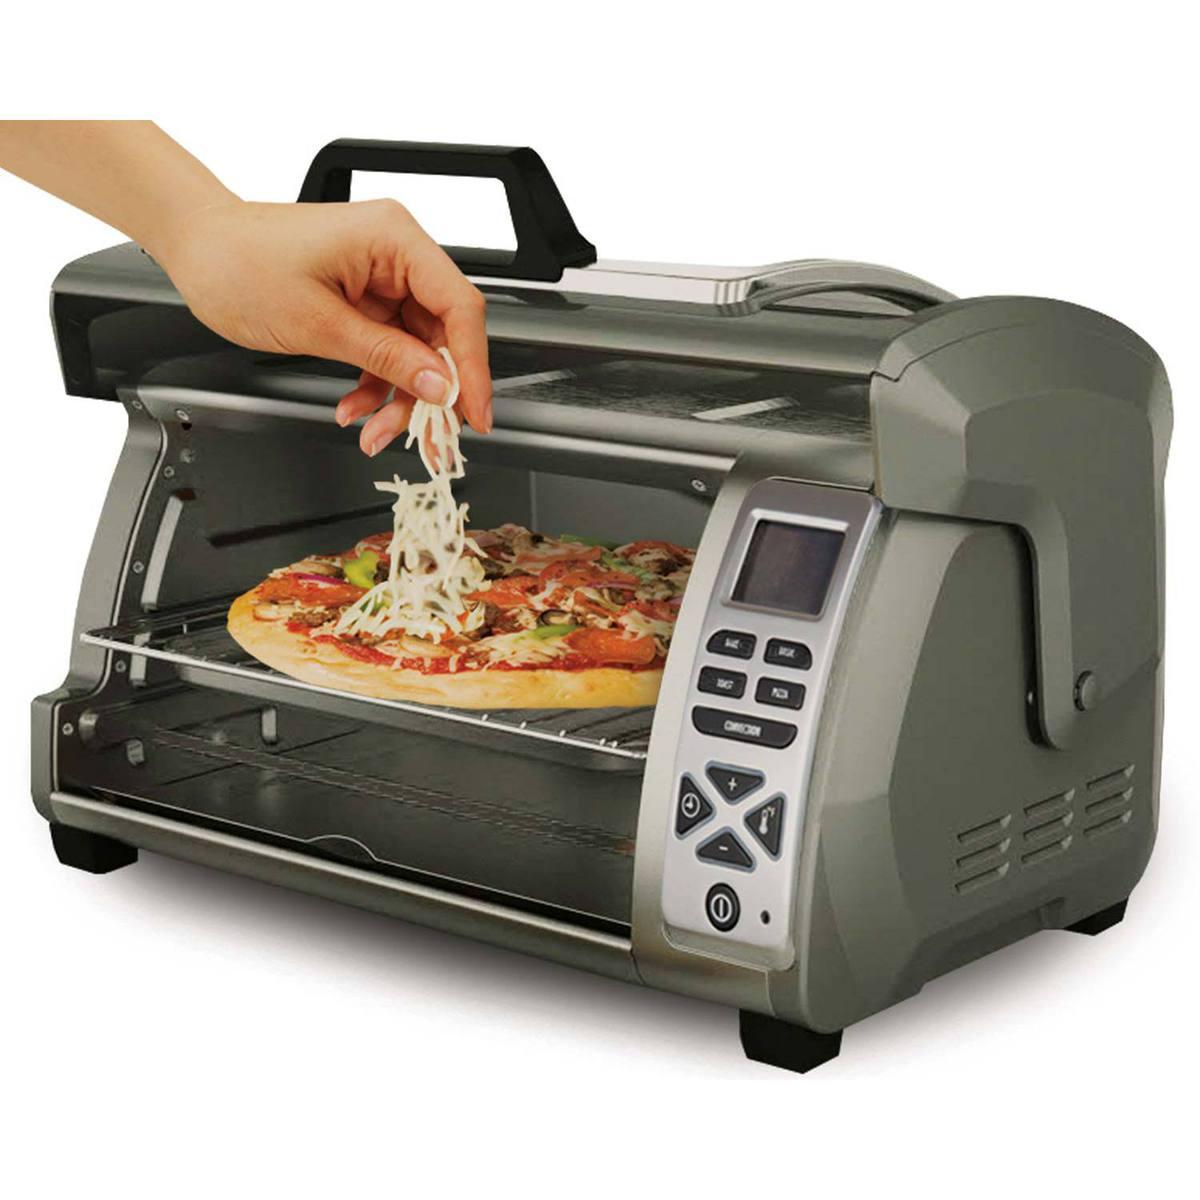 6 Slice Easy Reach® Digital Toaster Oven with Roll-Top Door $79.98